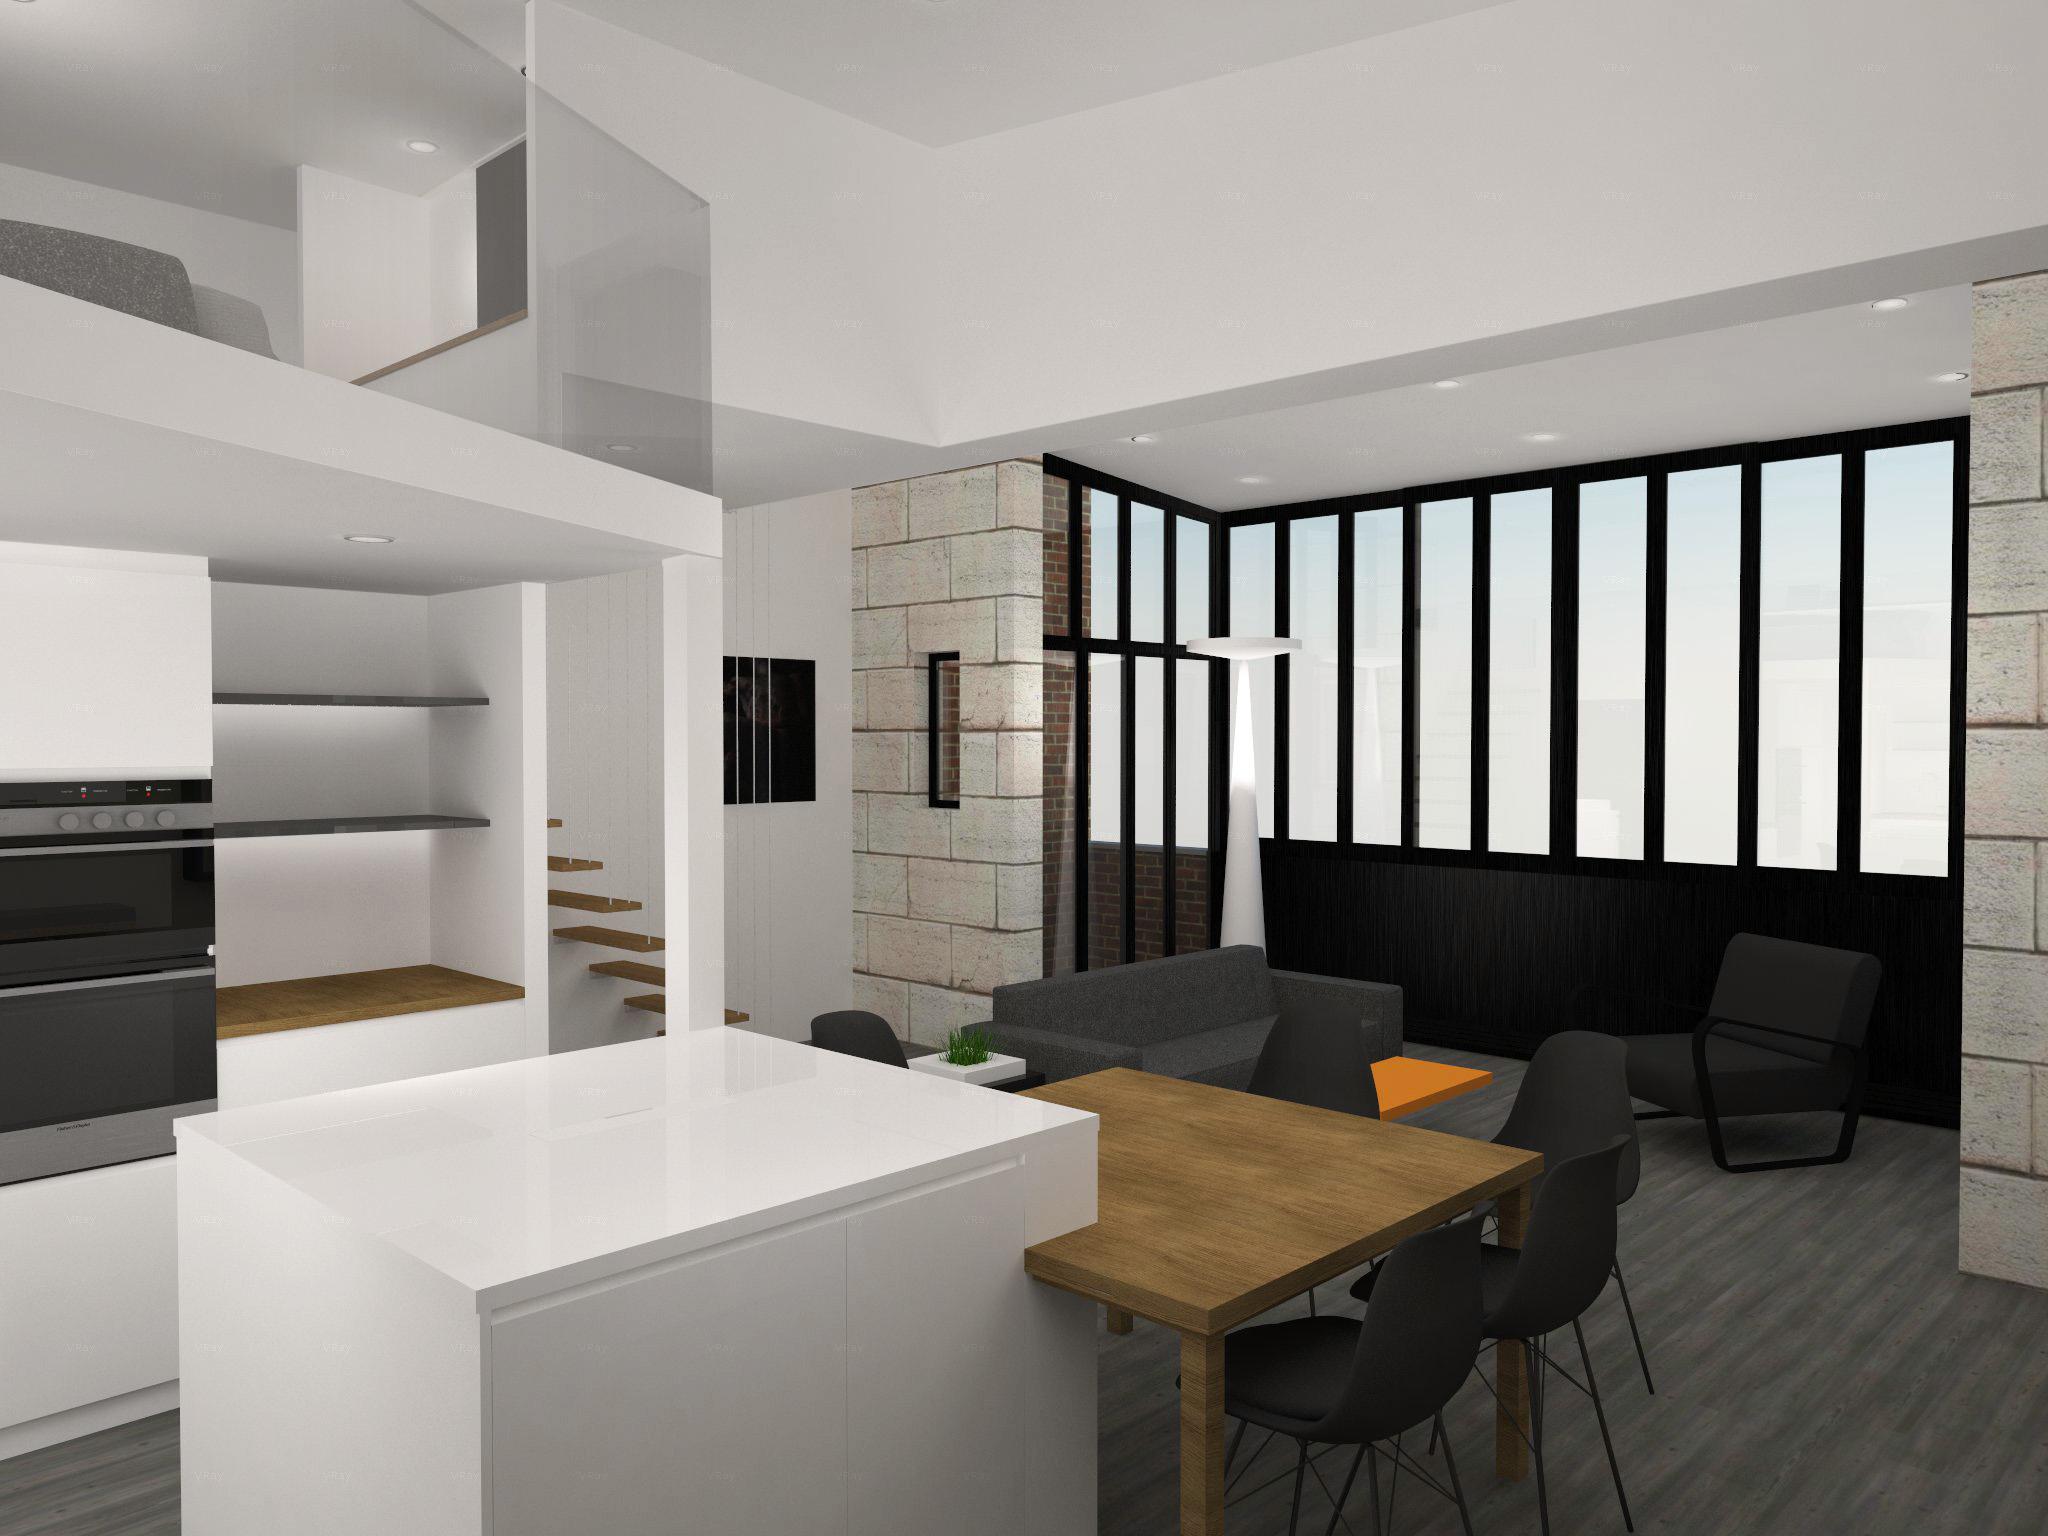 dcoratrice dintrieur bordeaux dcoration zen duun m bordeaux expression architecte du interieur. Black Bedroom Furniture Sets. Home Design Ideas